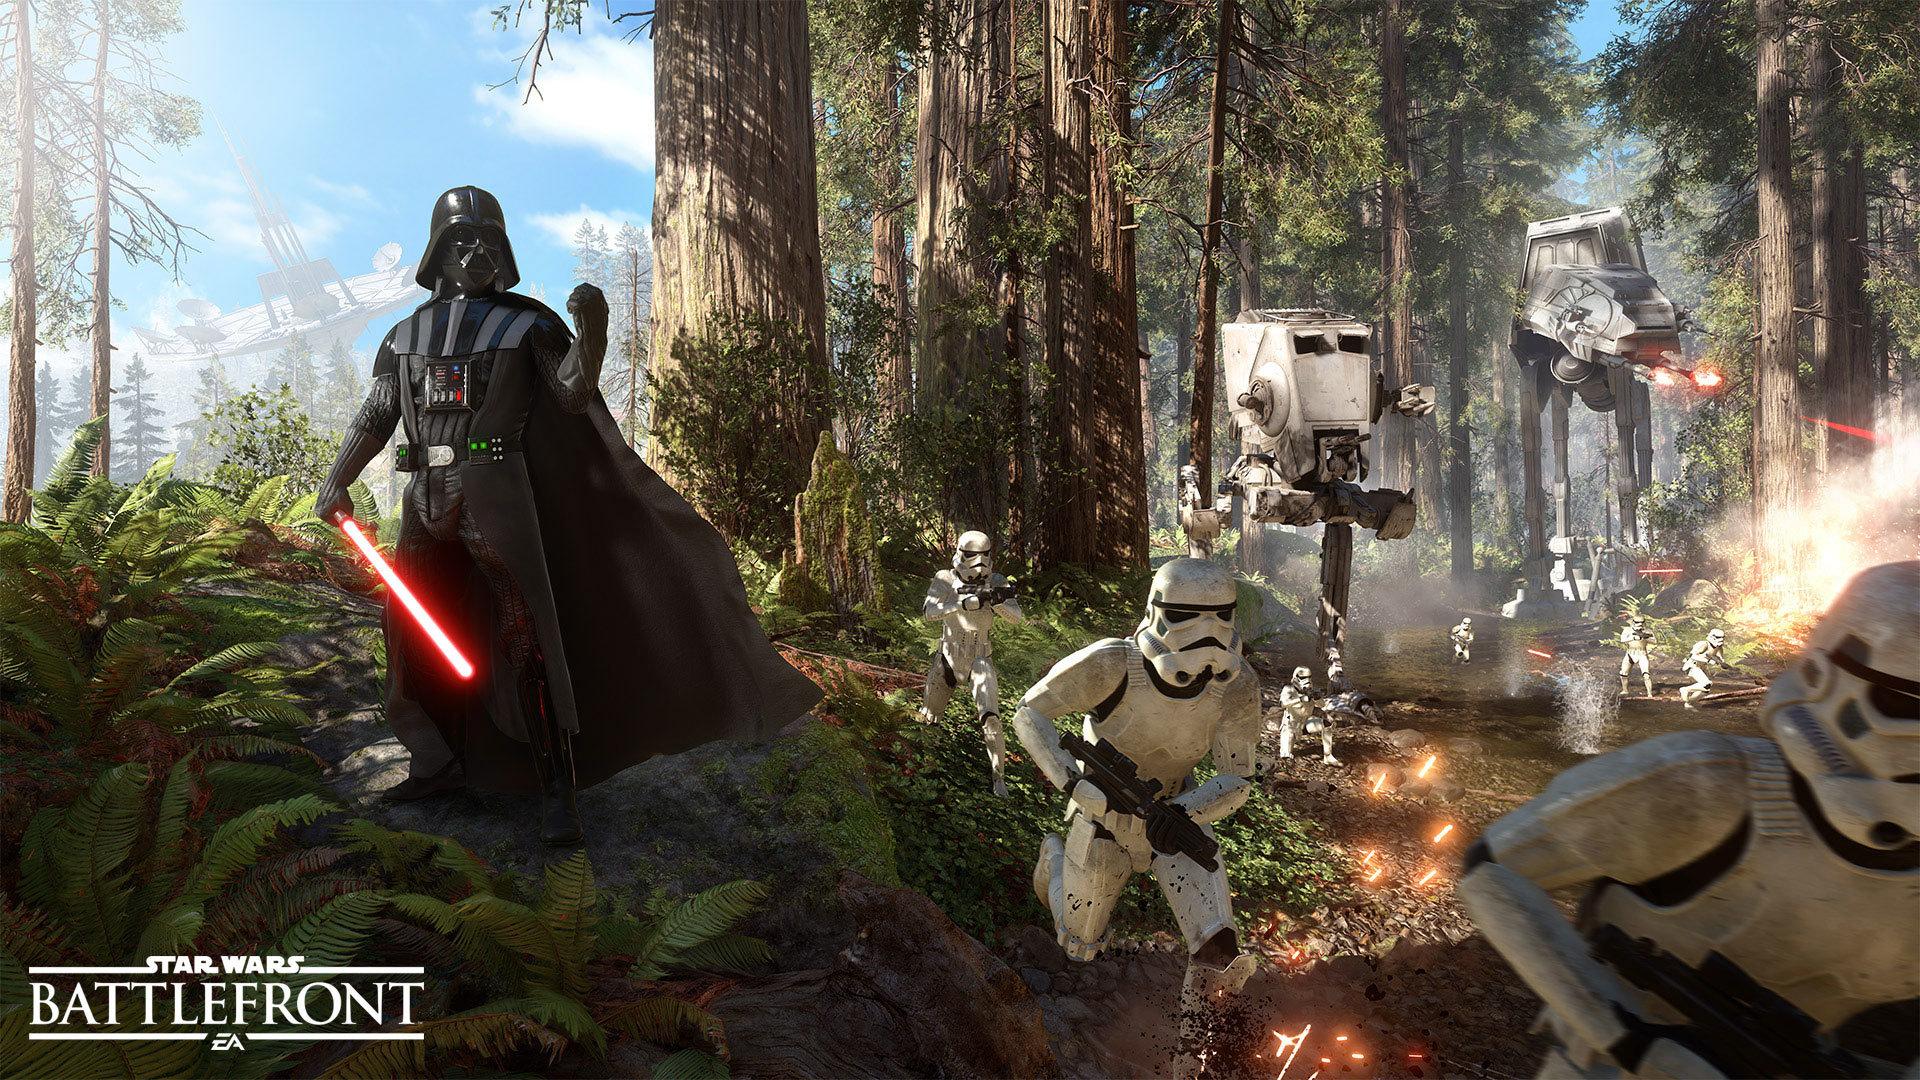 Star Wars Battlefront 2 avrà una vera e propria campagna single-player